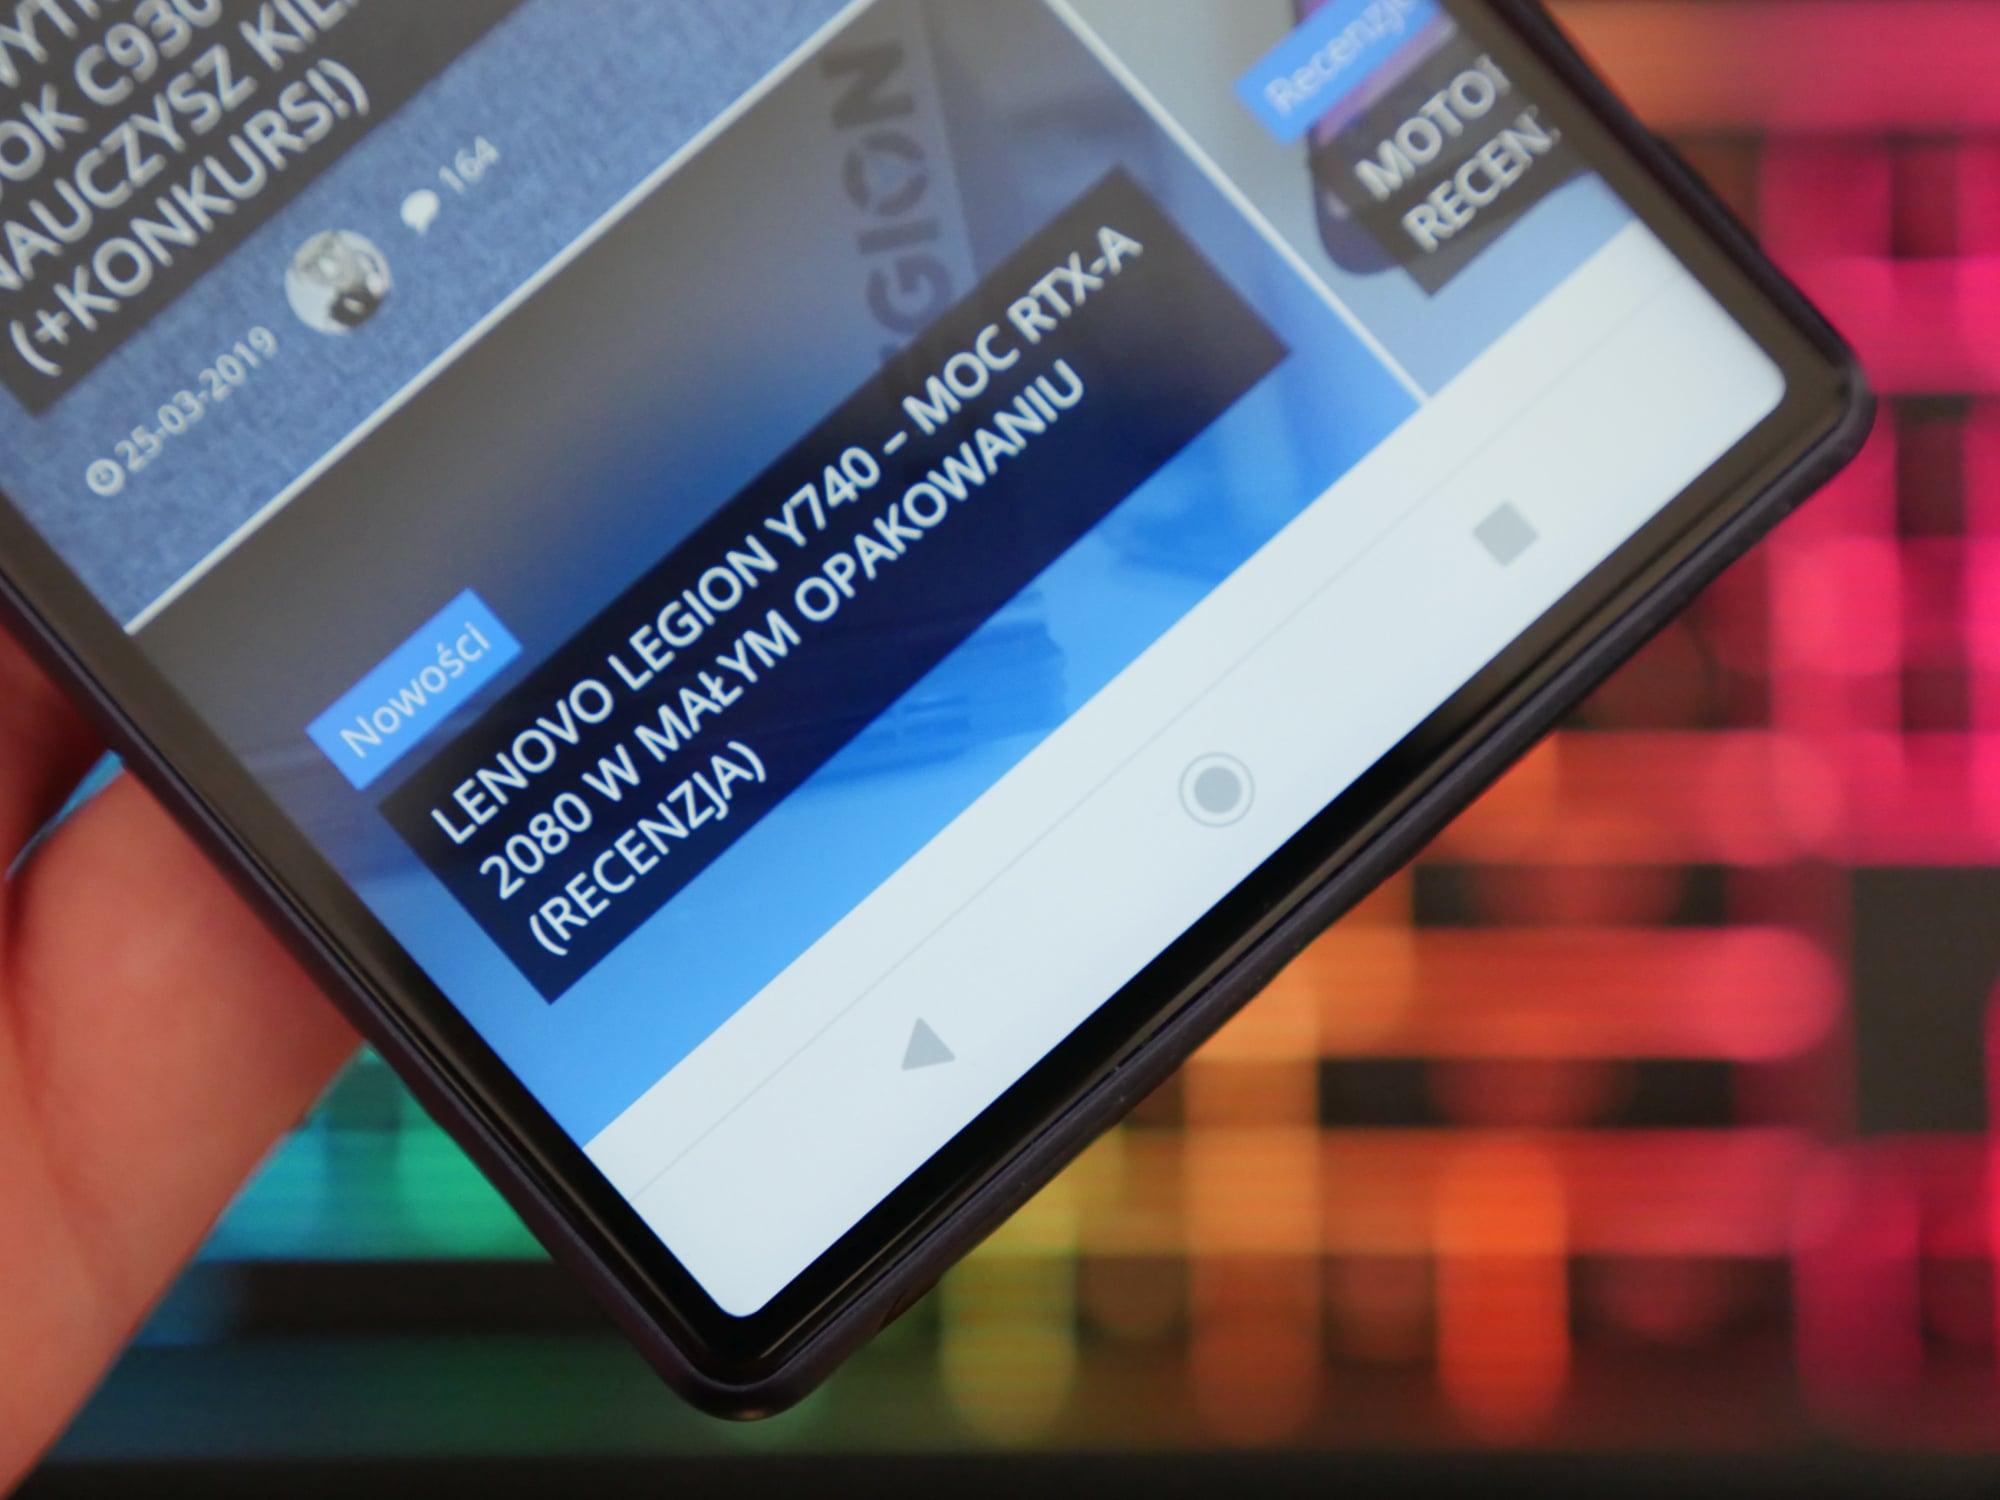 Sony Xperia 10 Plus - intrygujący i ciekawy smartfon z ekranem 21:9 dla pożeraczy multimediów (recenzja) 17